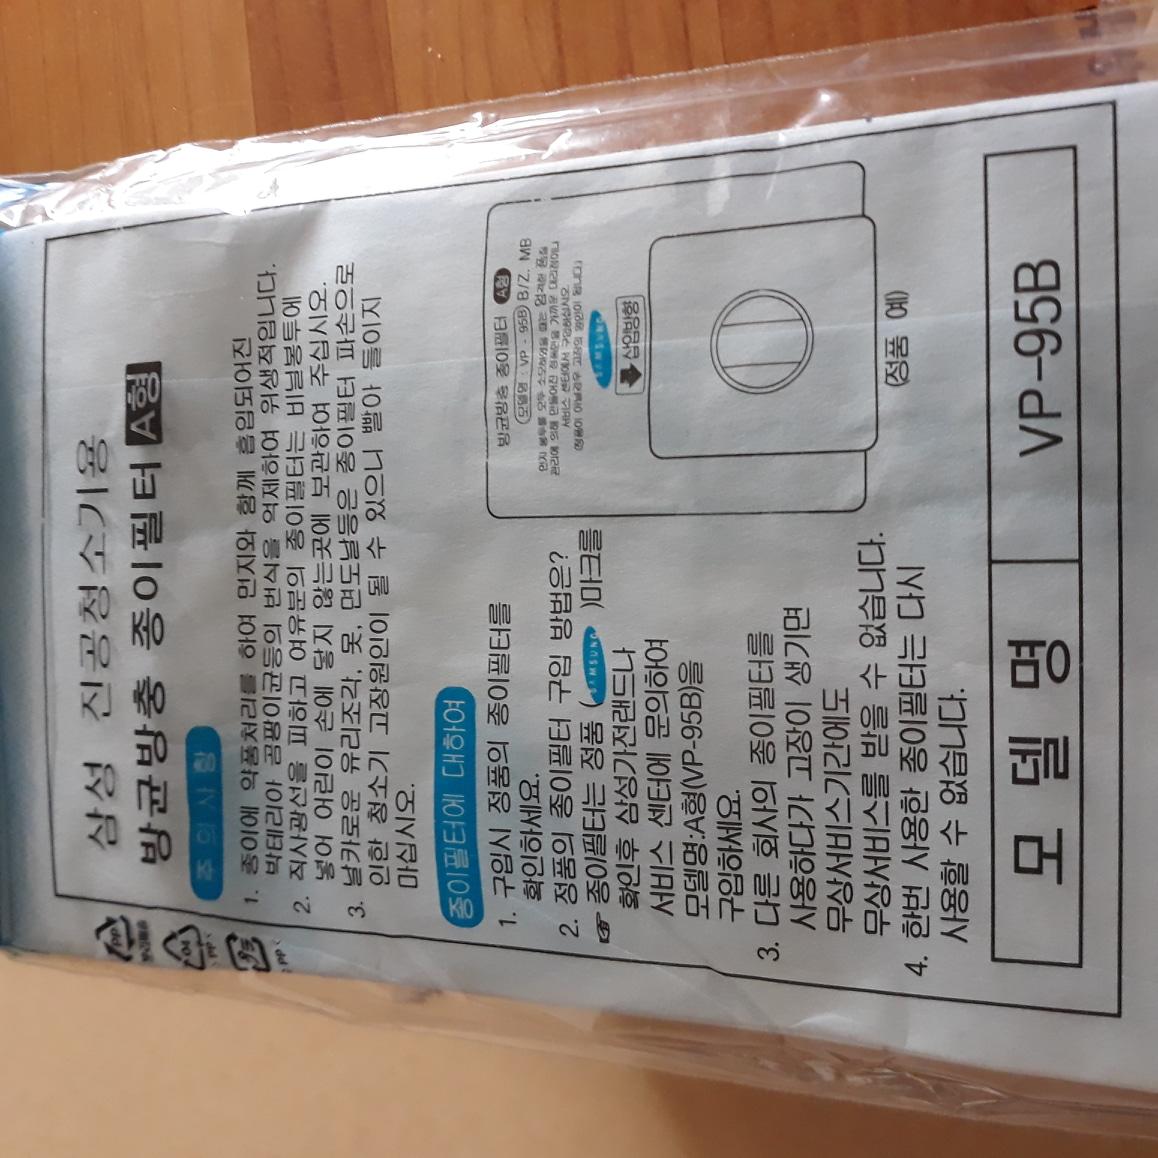 삼성청소기용 먼지봉투 무료로 드려요.